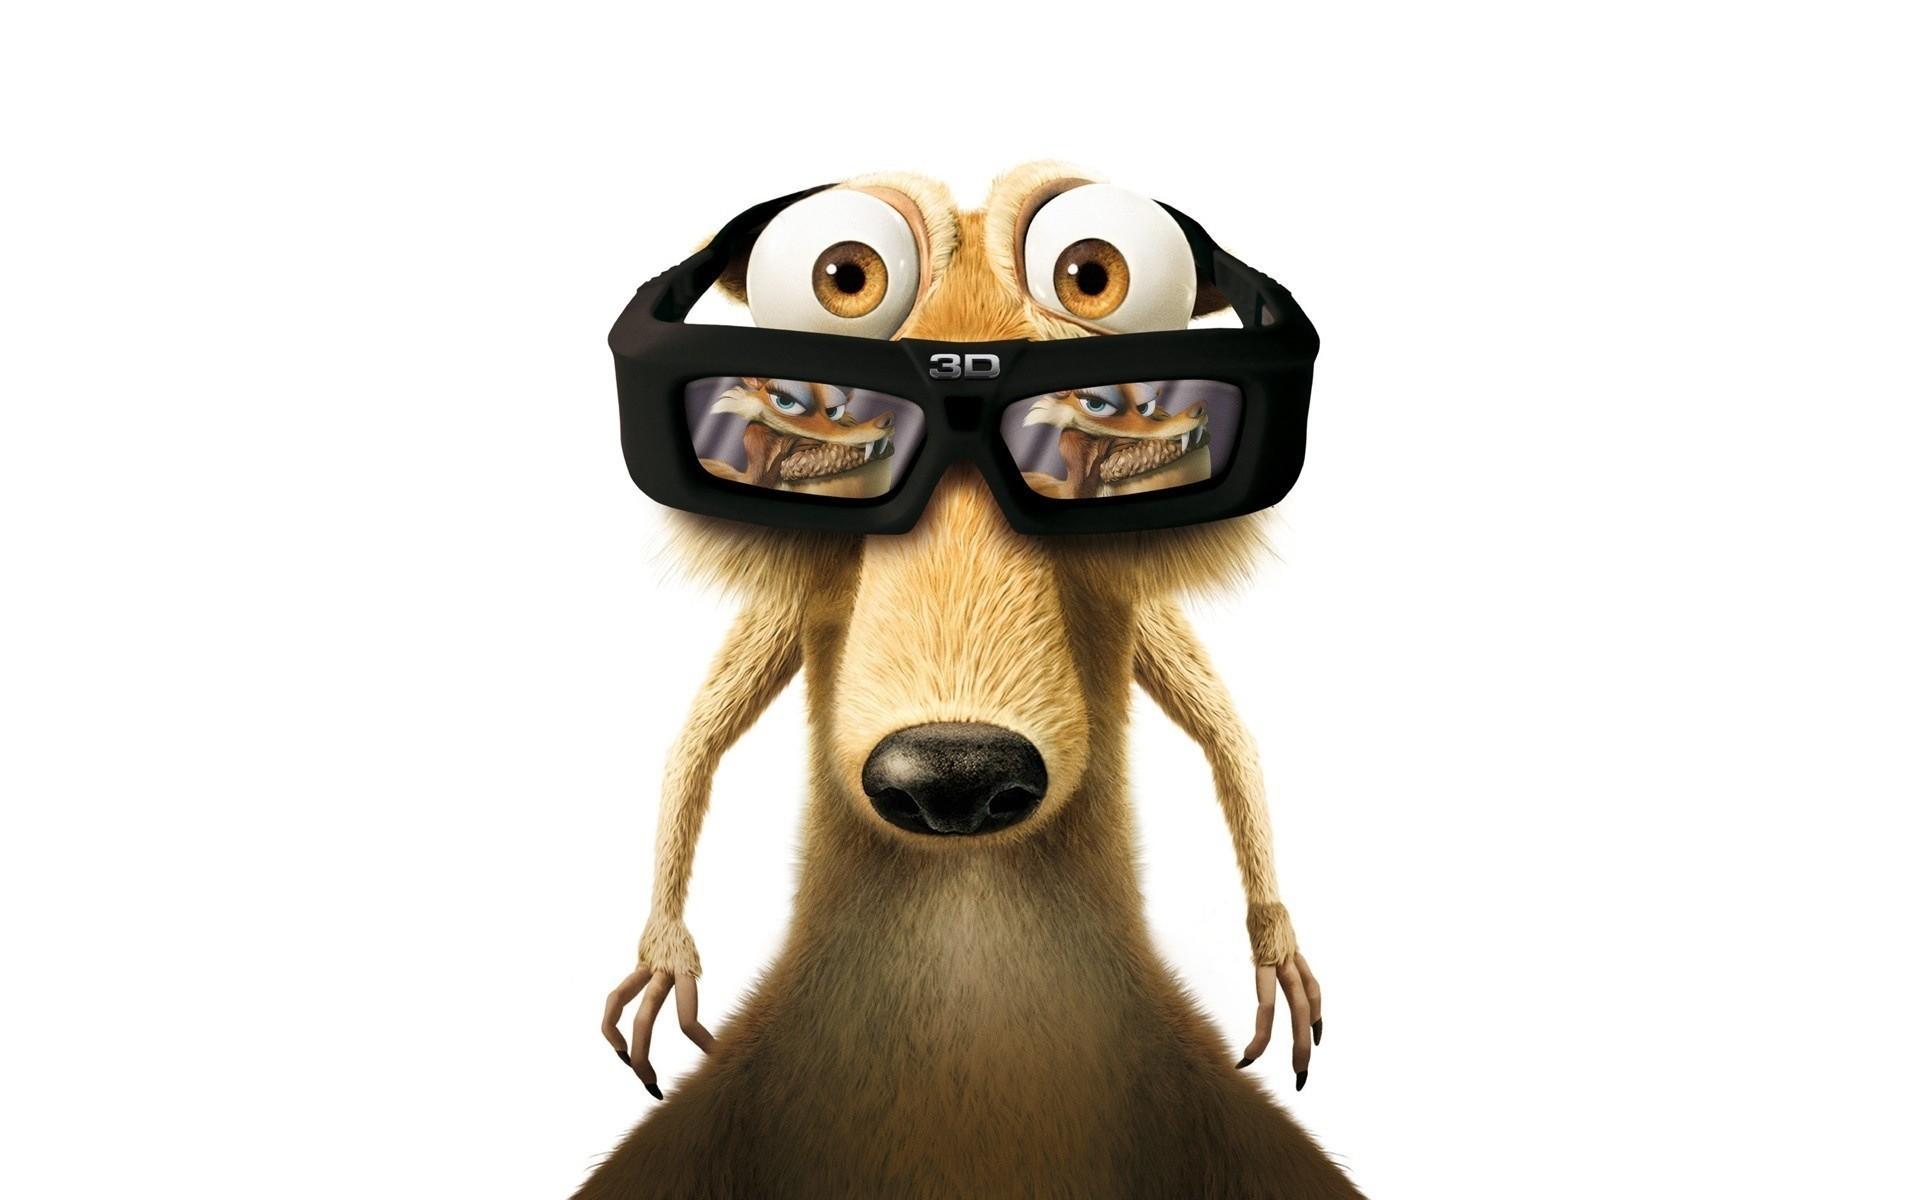 картинки смешные на телефон для мужчины очки идут зачет